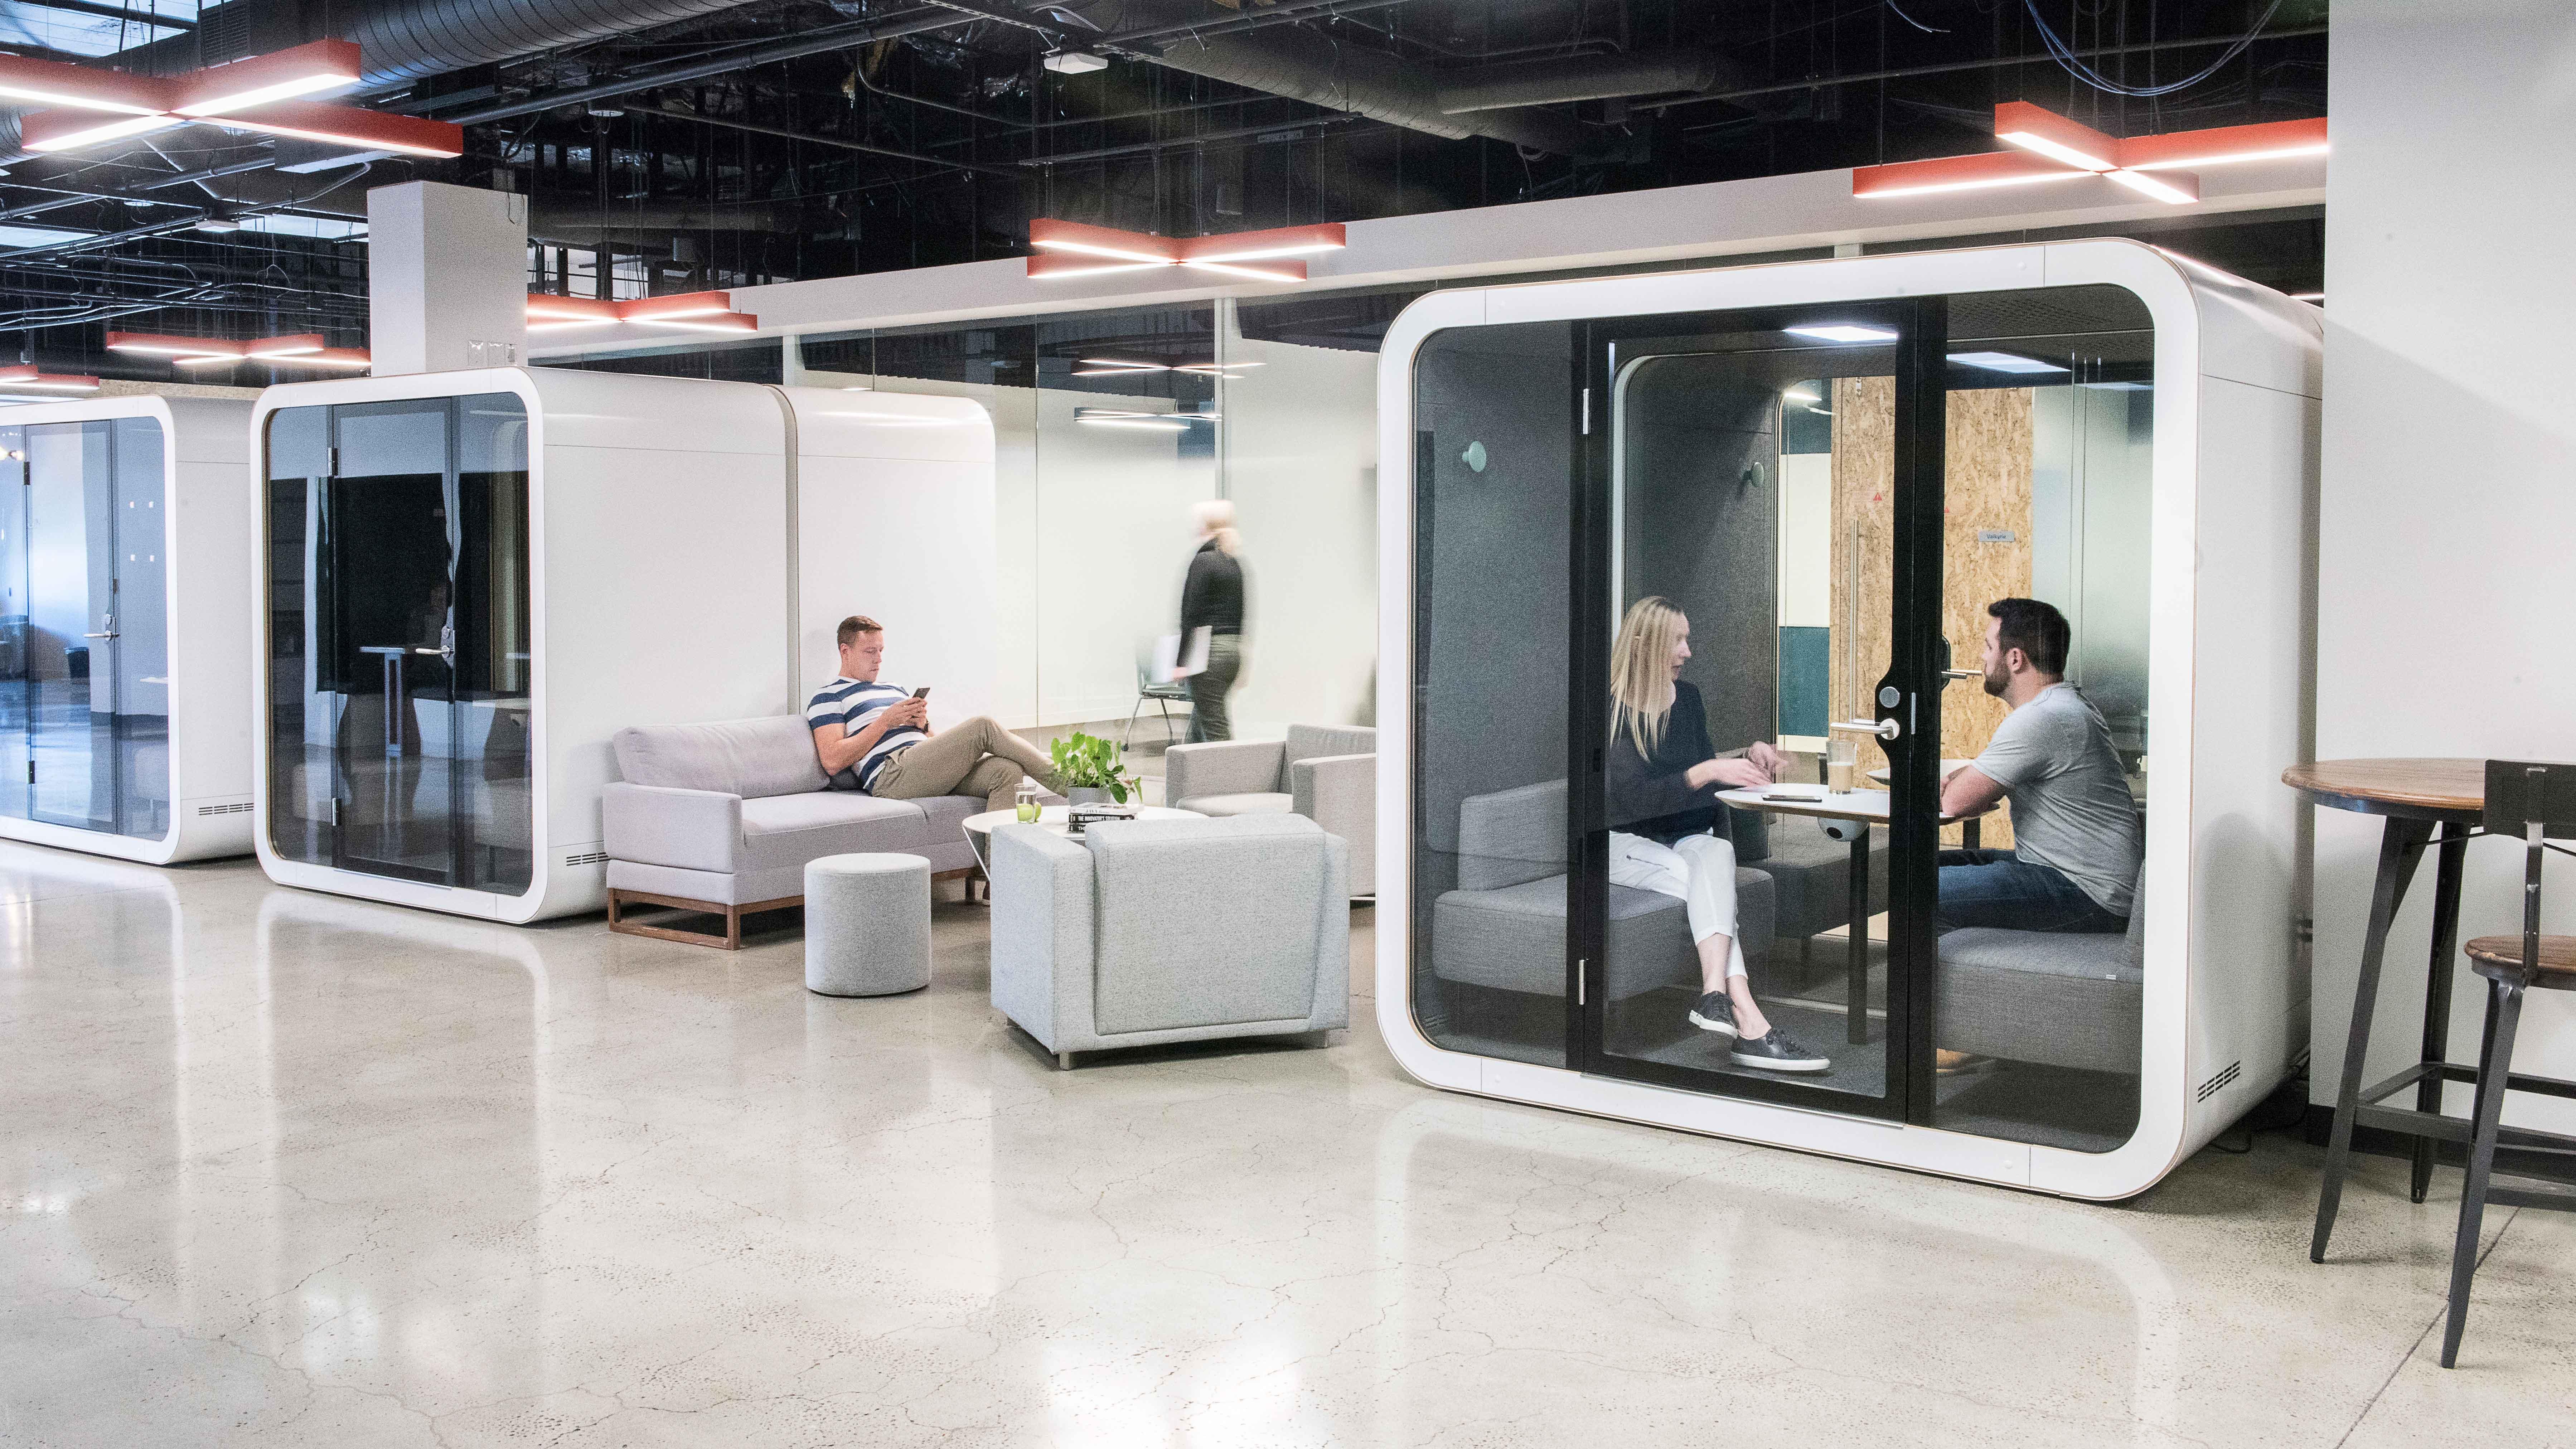 Frameryn puhelinkoppi ratkaisee melu- ja yksityisyysongelmia toimistoissa.